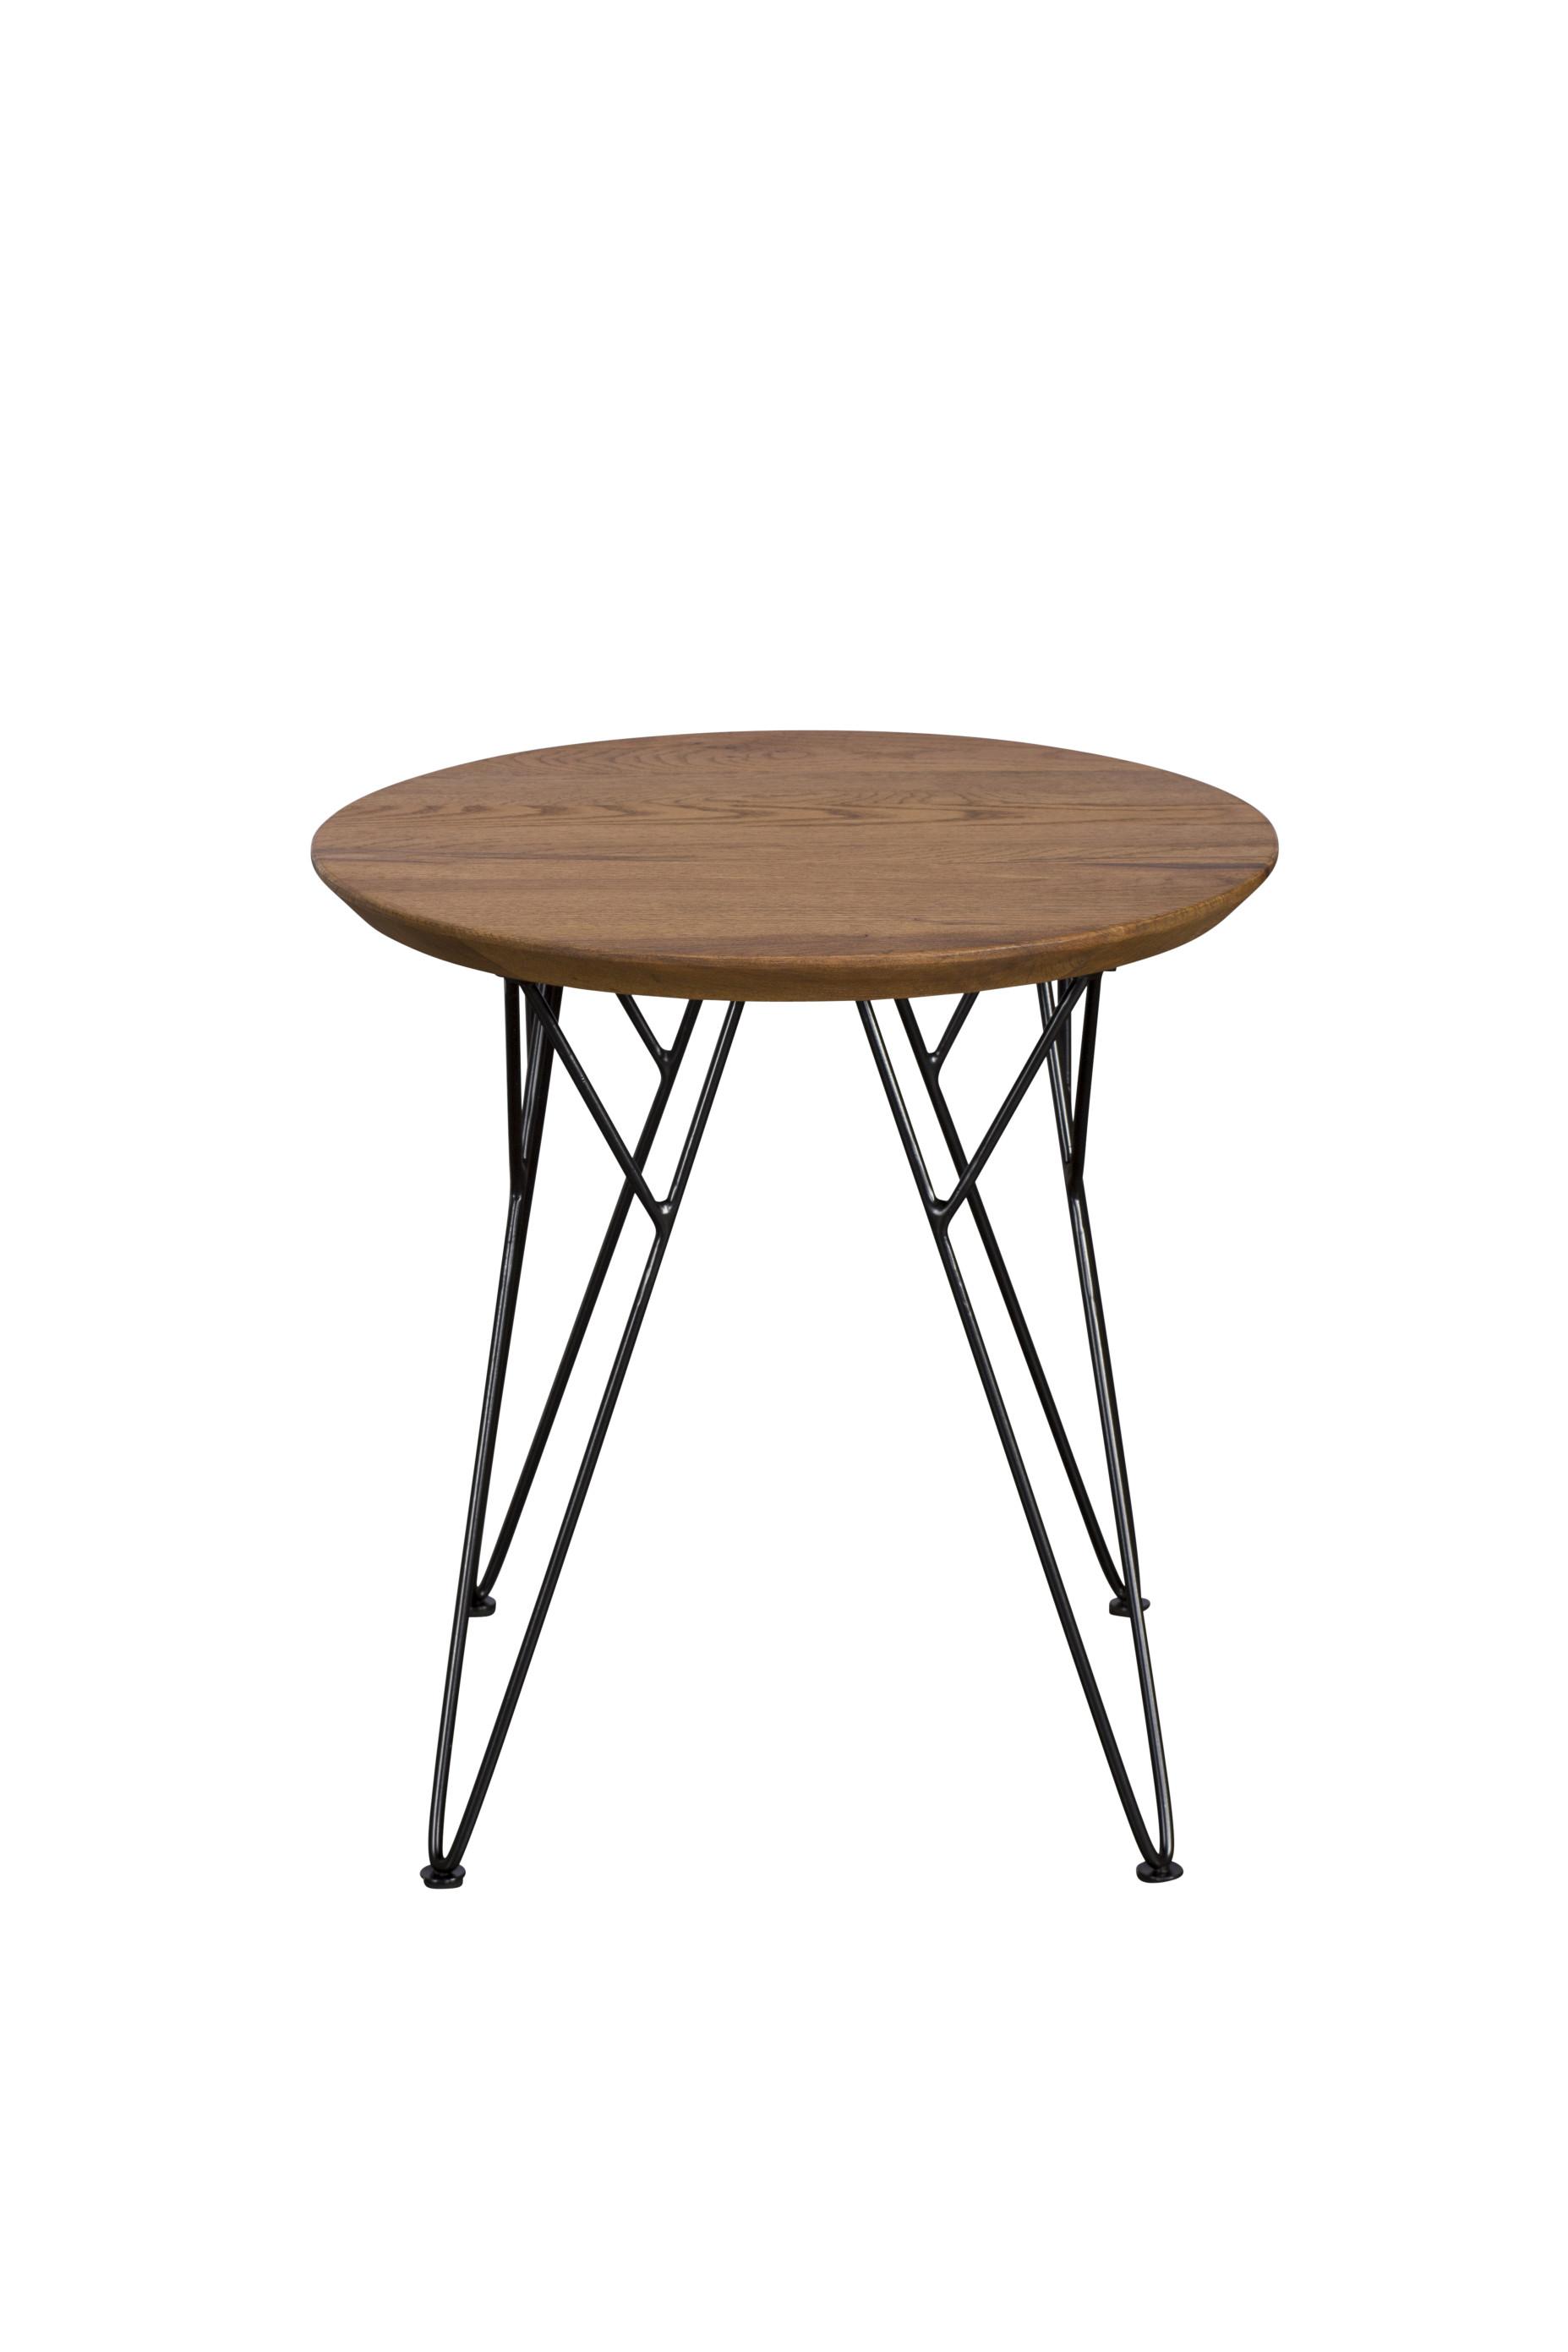 Heathfield Slight Round Lamp Table